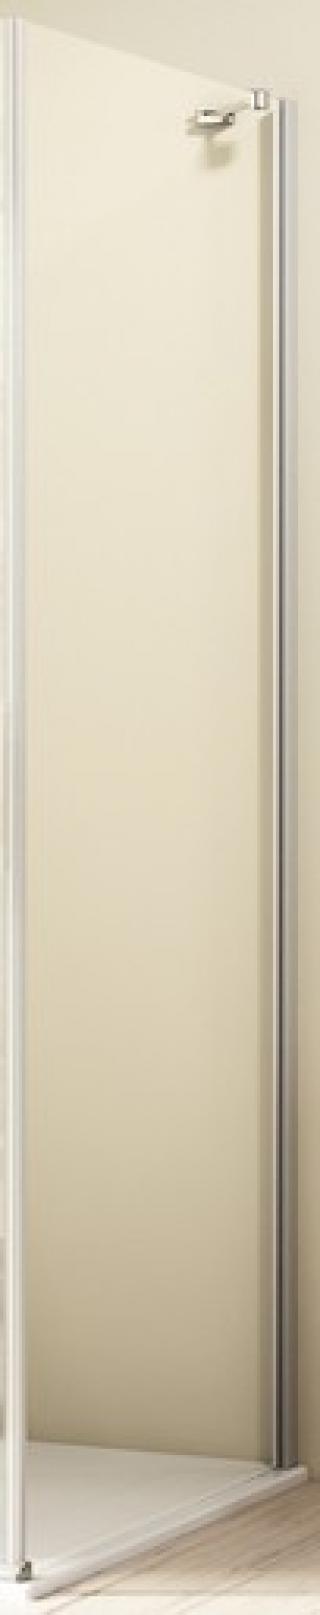 Boční zástěna ke sprchovým dveřím 90x190 cm Huppe Design Elegance chrom lesklý 8E1004.092.321